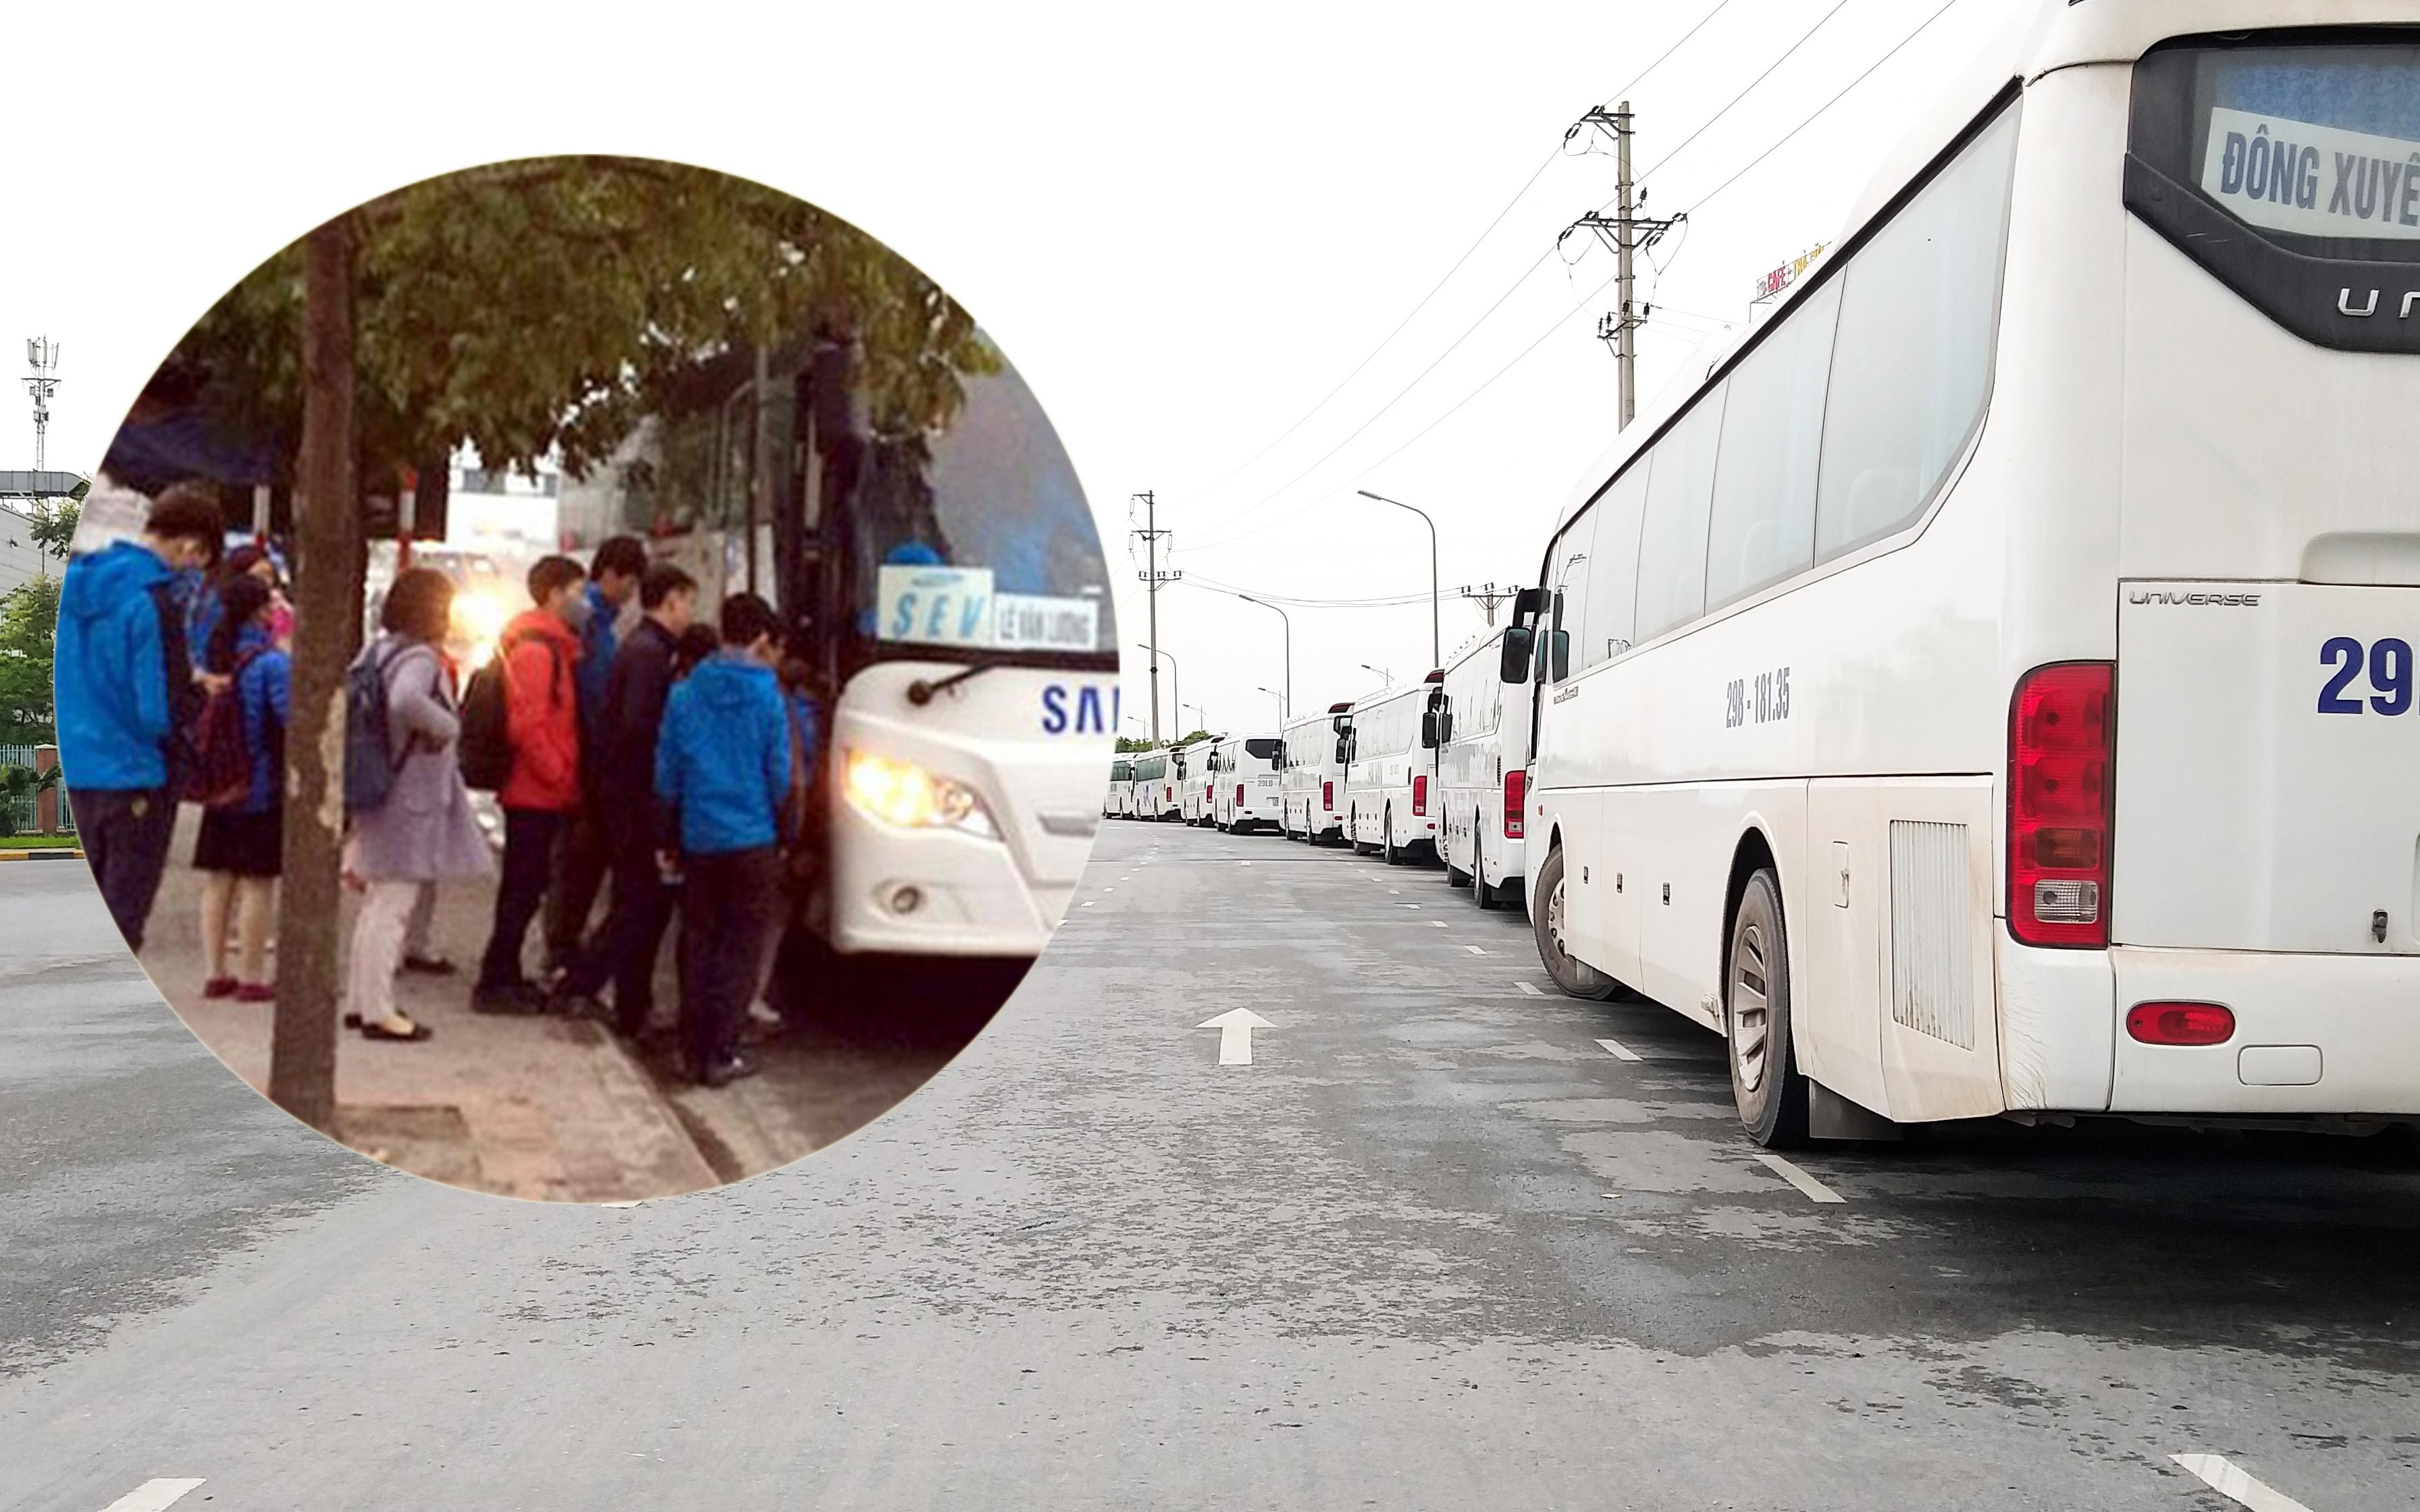 Lộ trình của công nhân Samsung nhiễm Covid-19: Đi xe đưa rước có khoảng 20 người mỗi chuyến, mỗi ngày tiếp xúc với 40 người